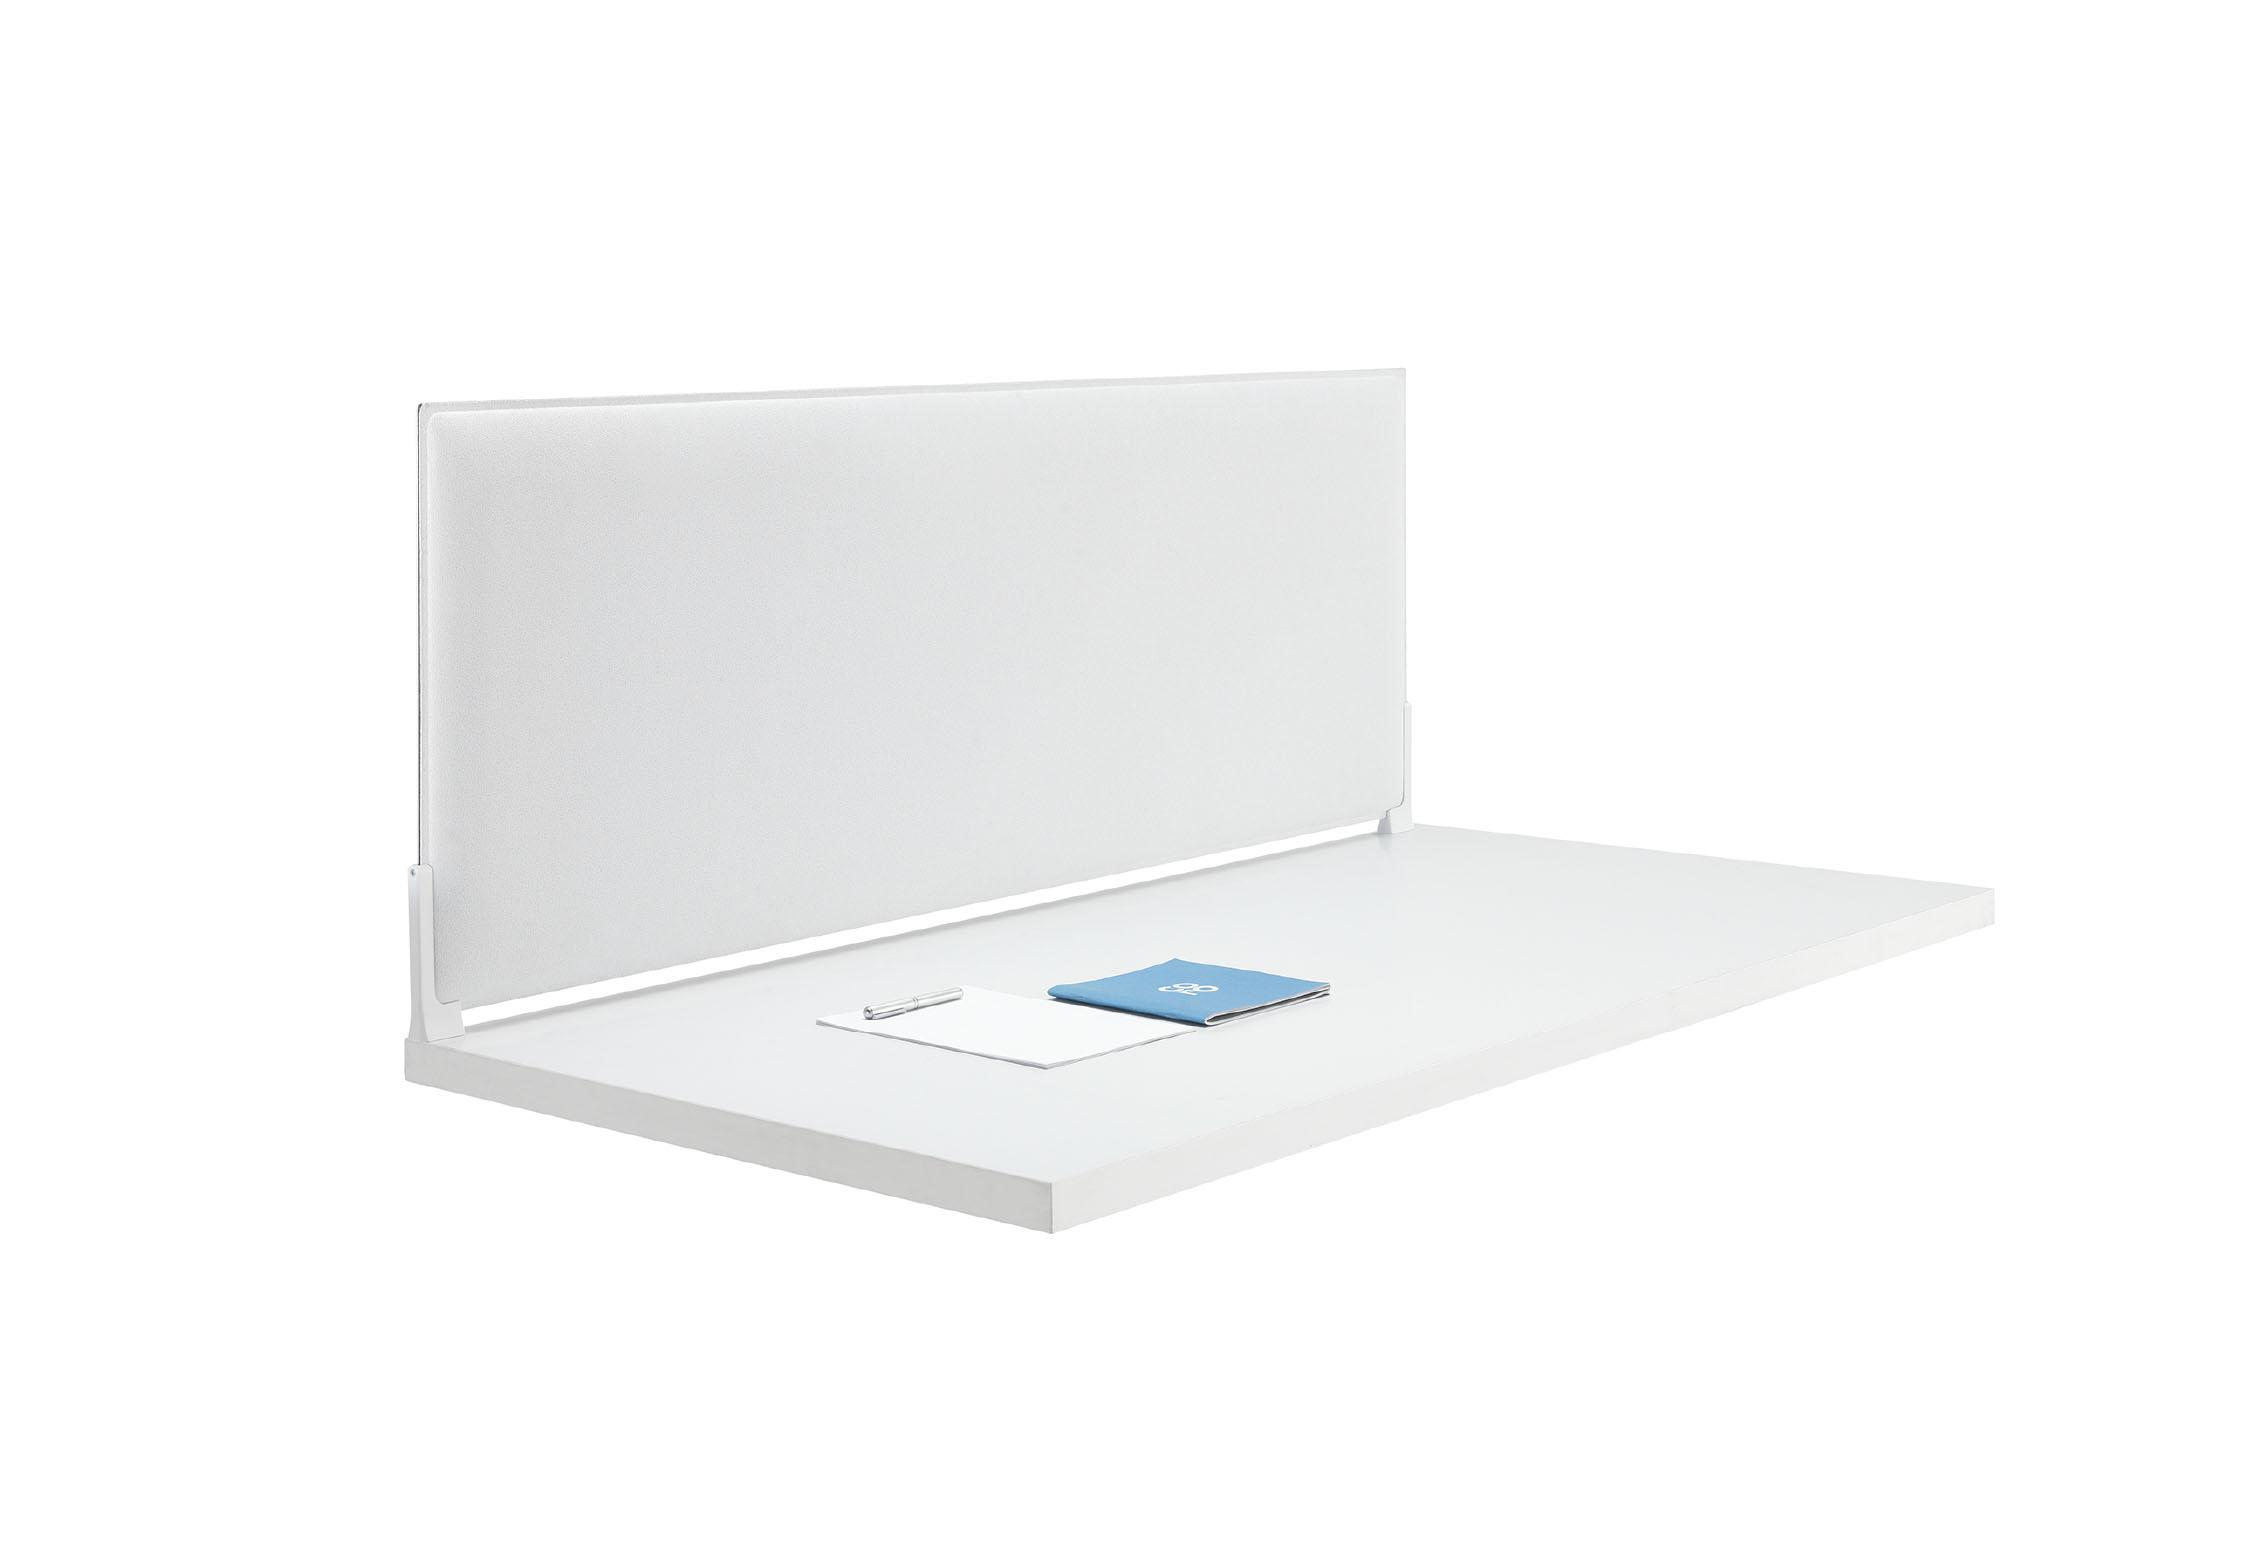 CAIMI Caimi Corner Desk - Gamme de panneaux acoustiques pour bureaux